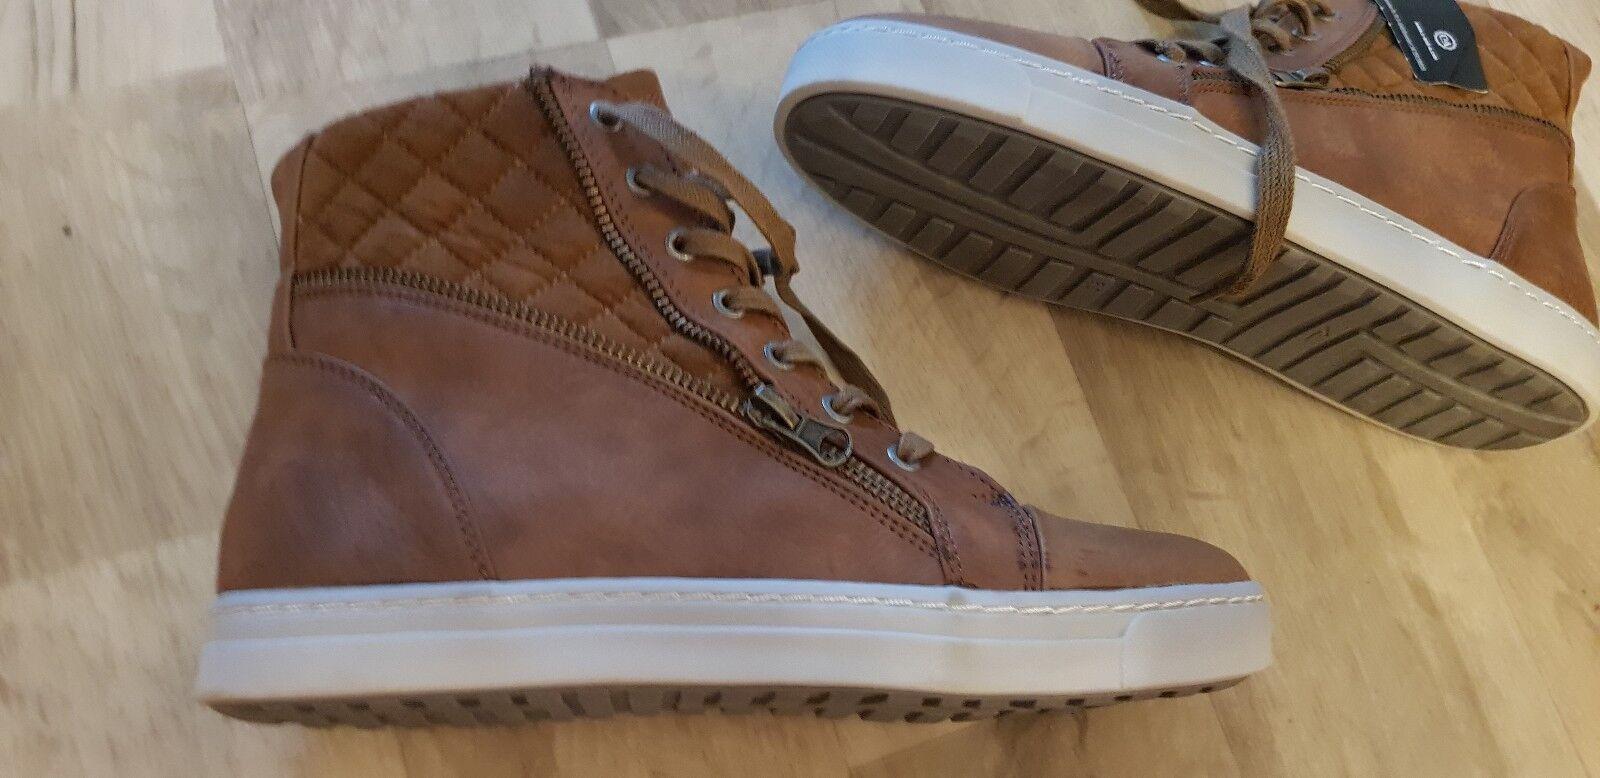 Damen winter stiefelschuhe High Top Sneaker Schuhe Gr.40 Braun C&A